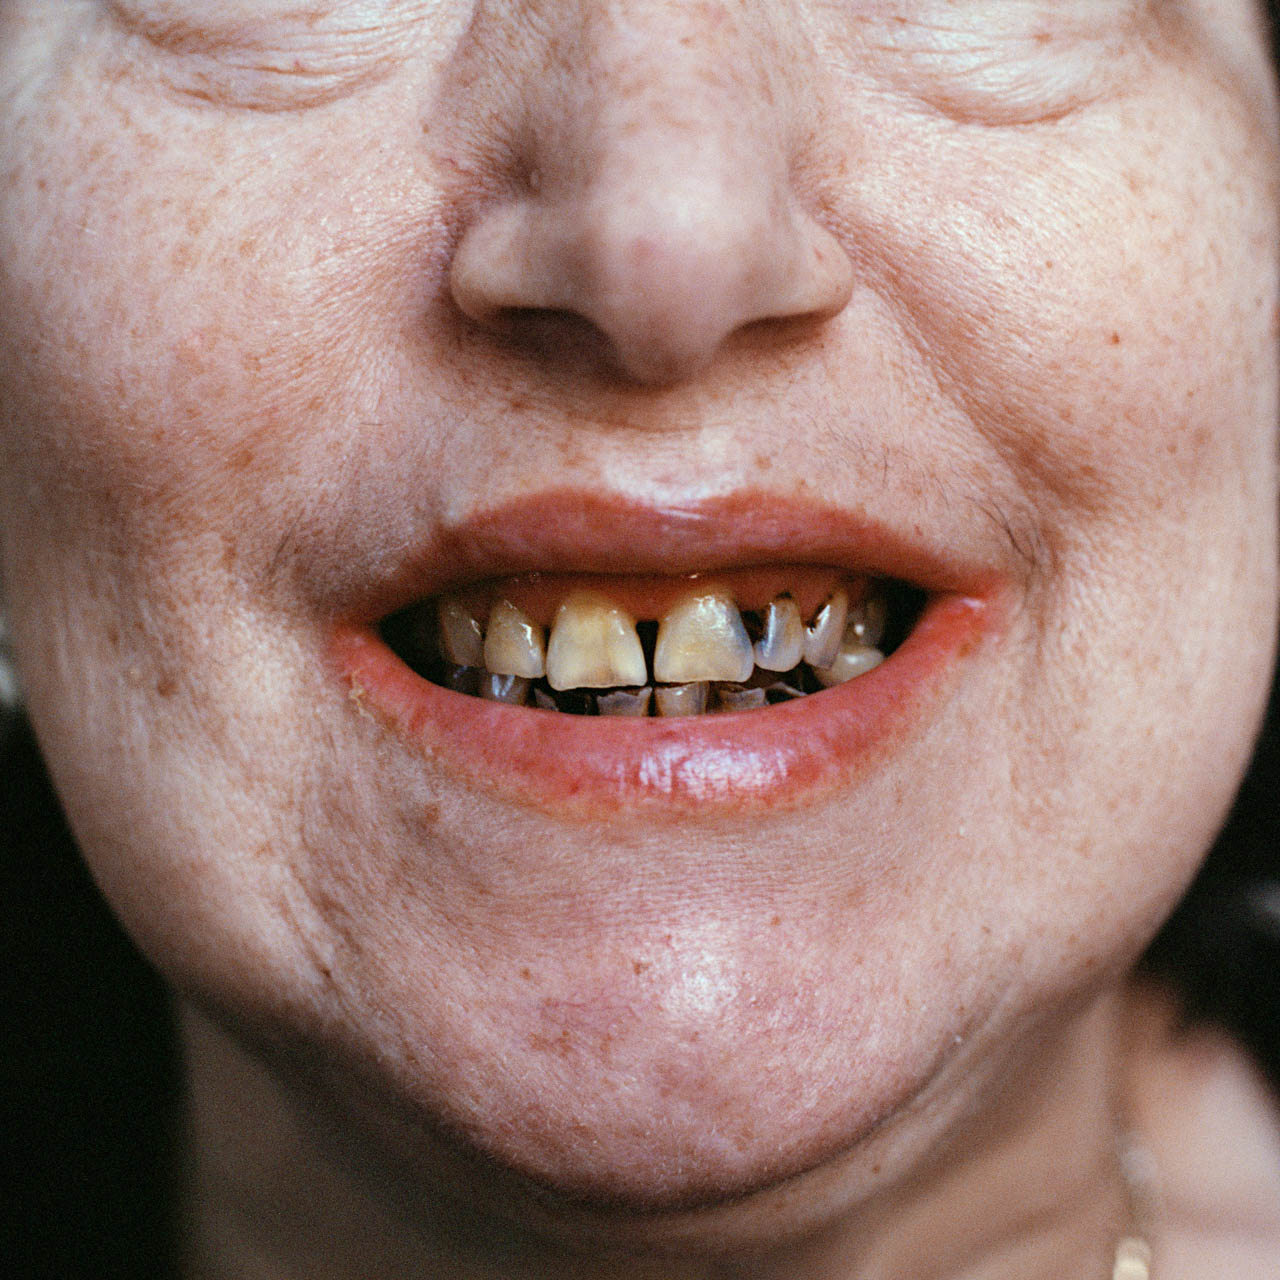 EdelmanBrier_11_teeth.jpg